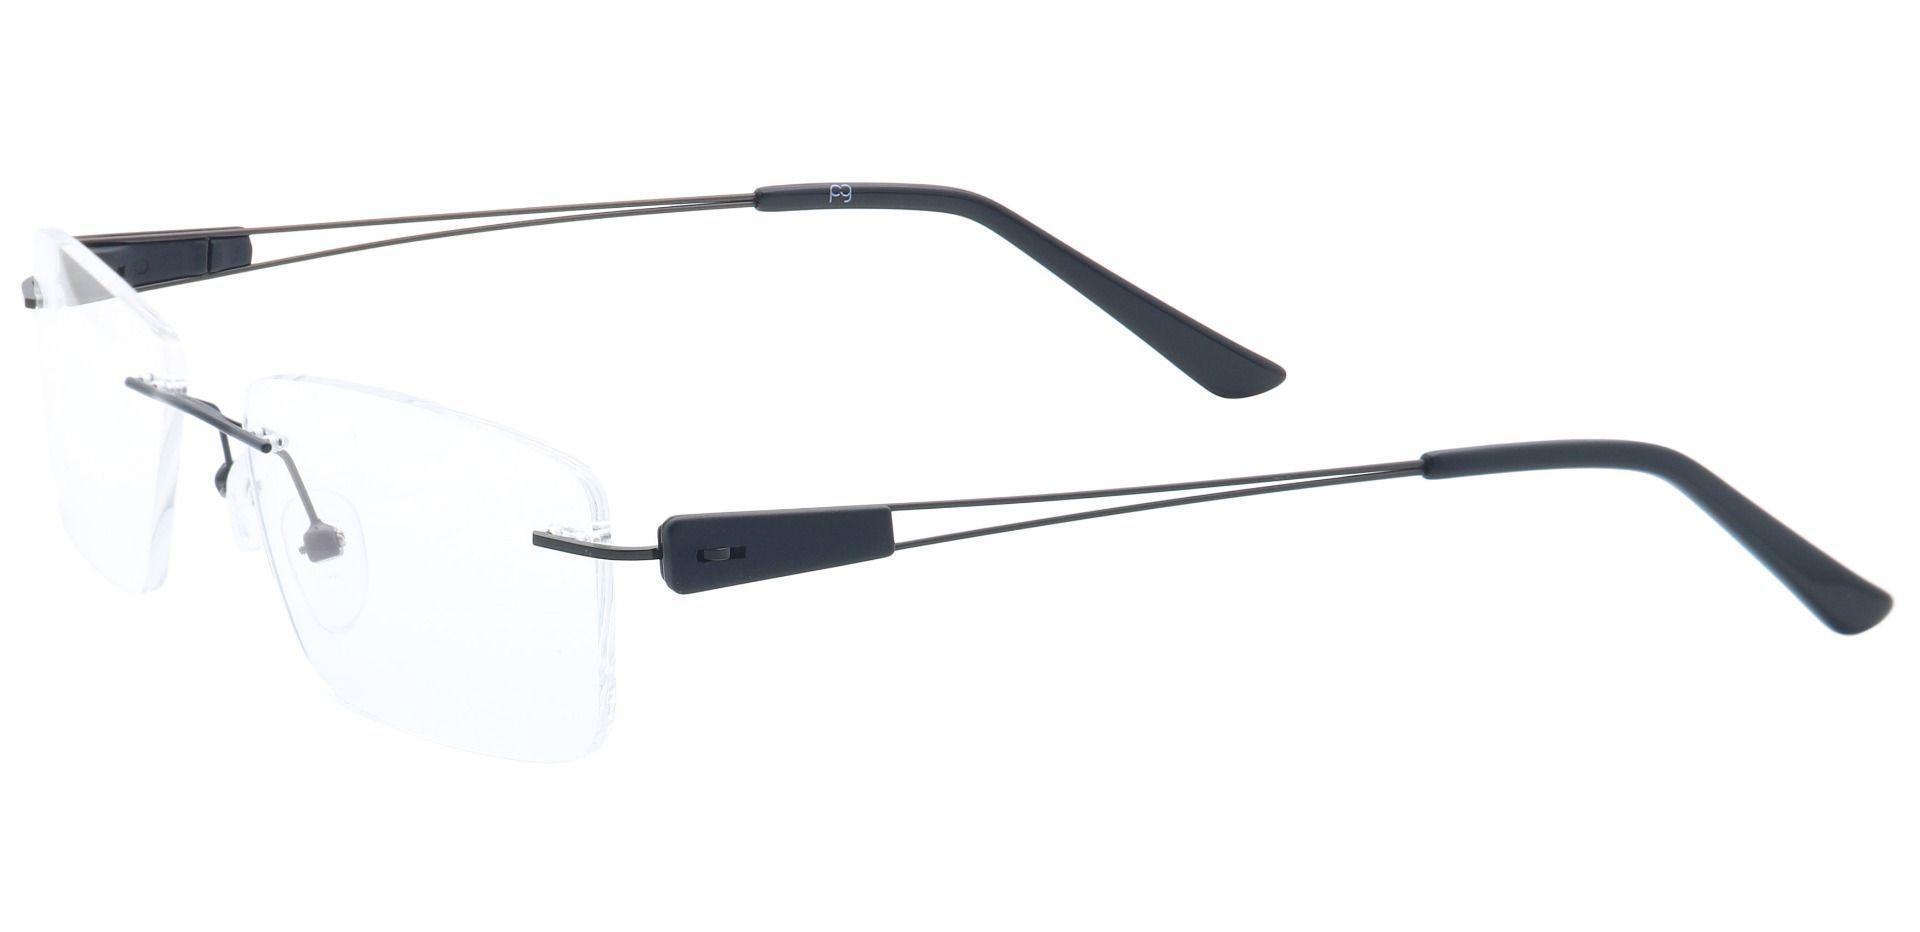 Aspen Rimless Reading Glasses - Black